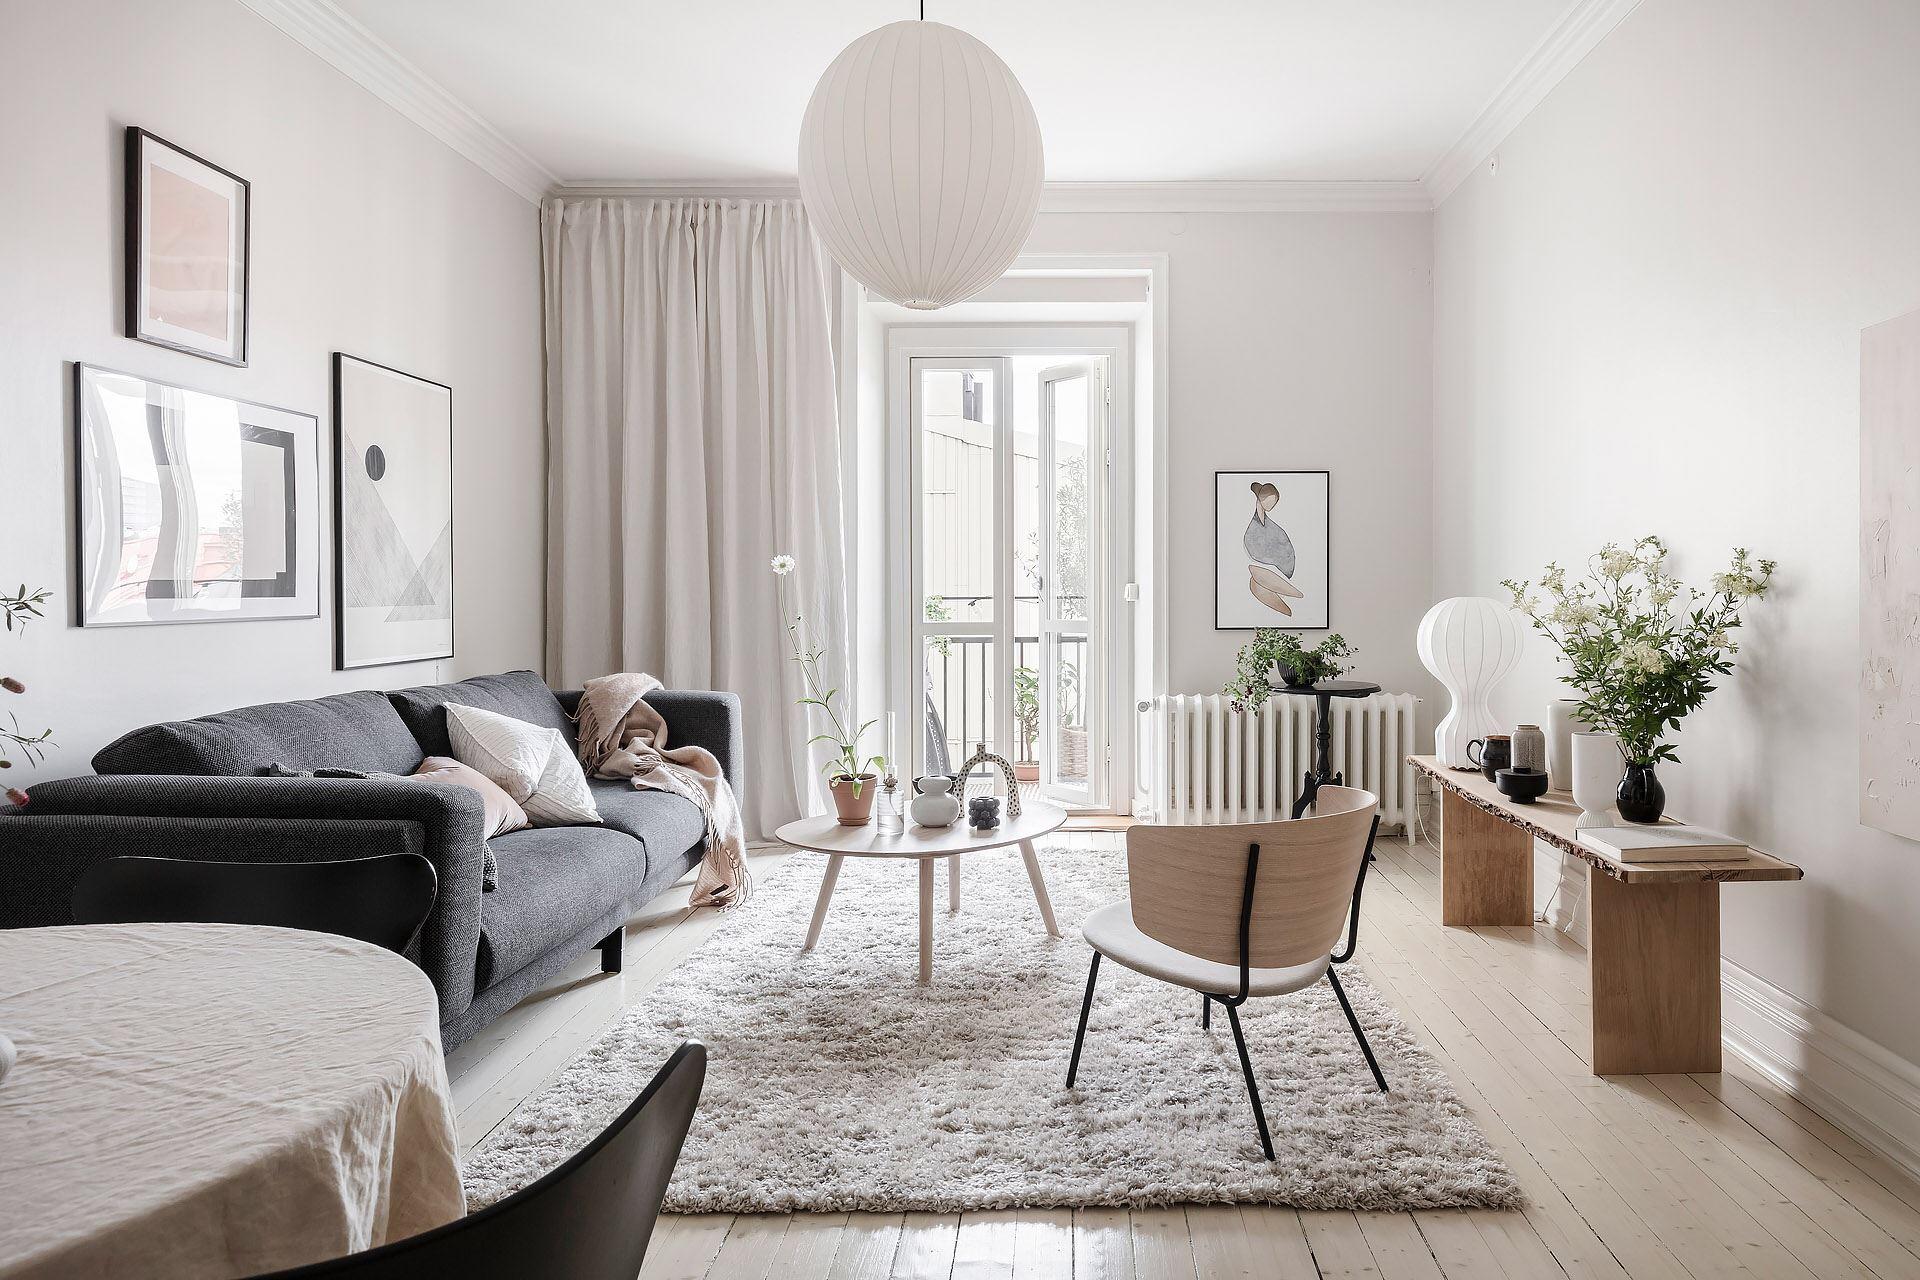 Cromatică relaxantă și decor scandinav într un apartament de 50 m² 6